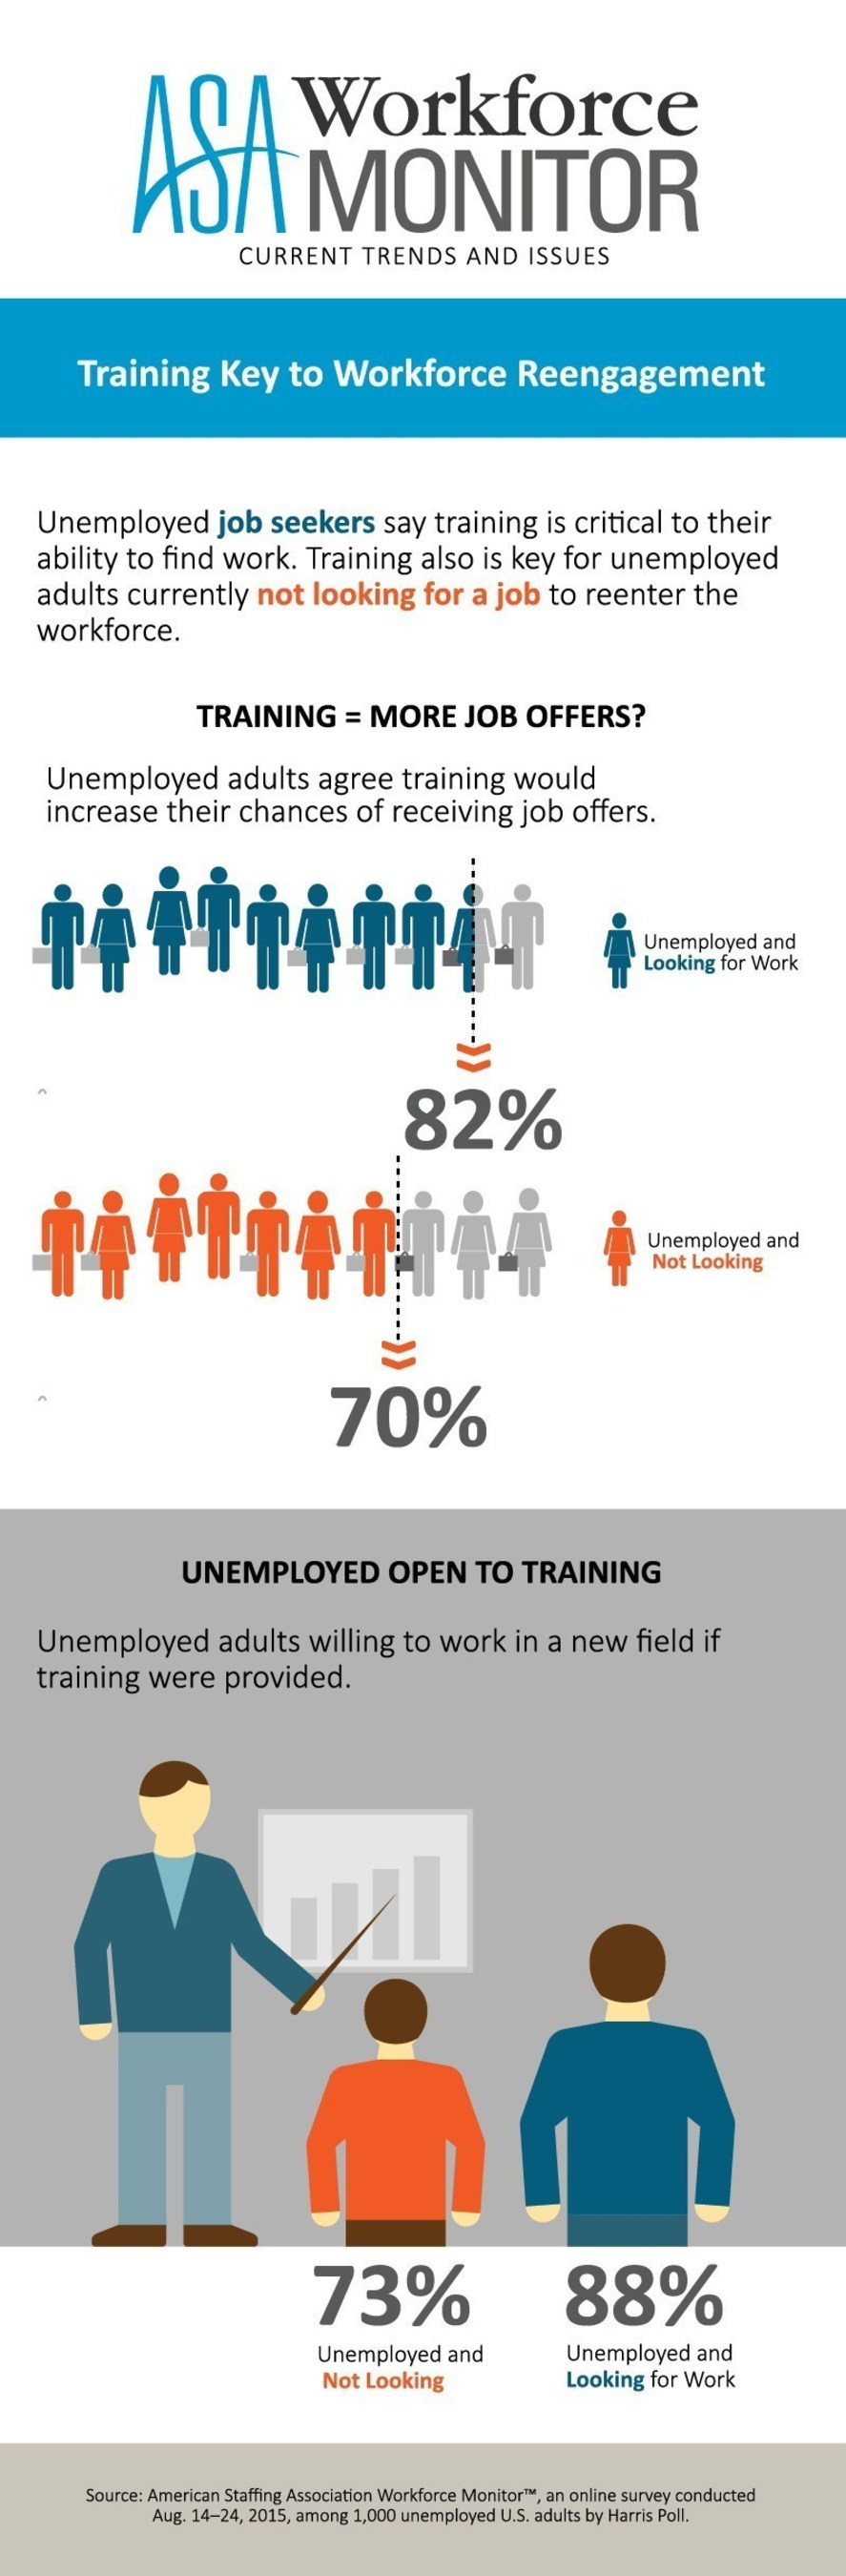 ASA Workforce Monitor: Training Key to Workforce Reengagement